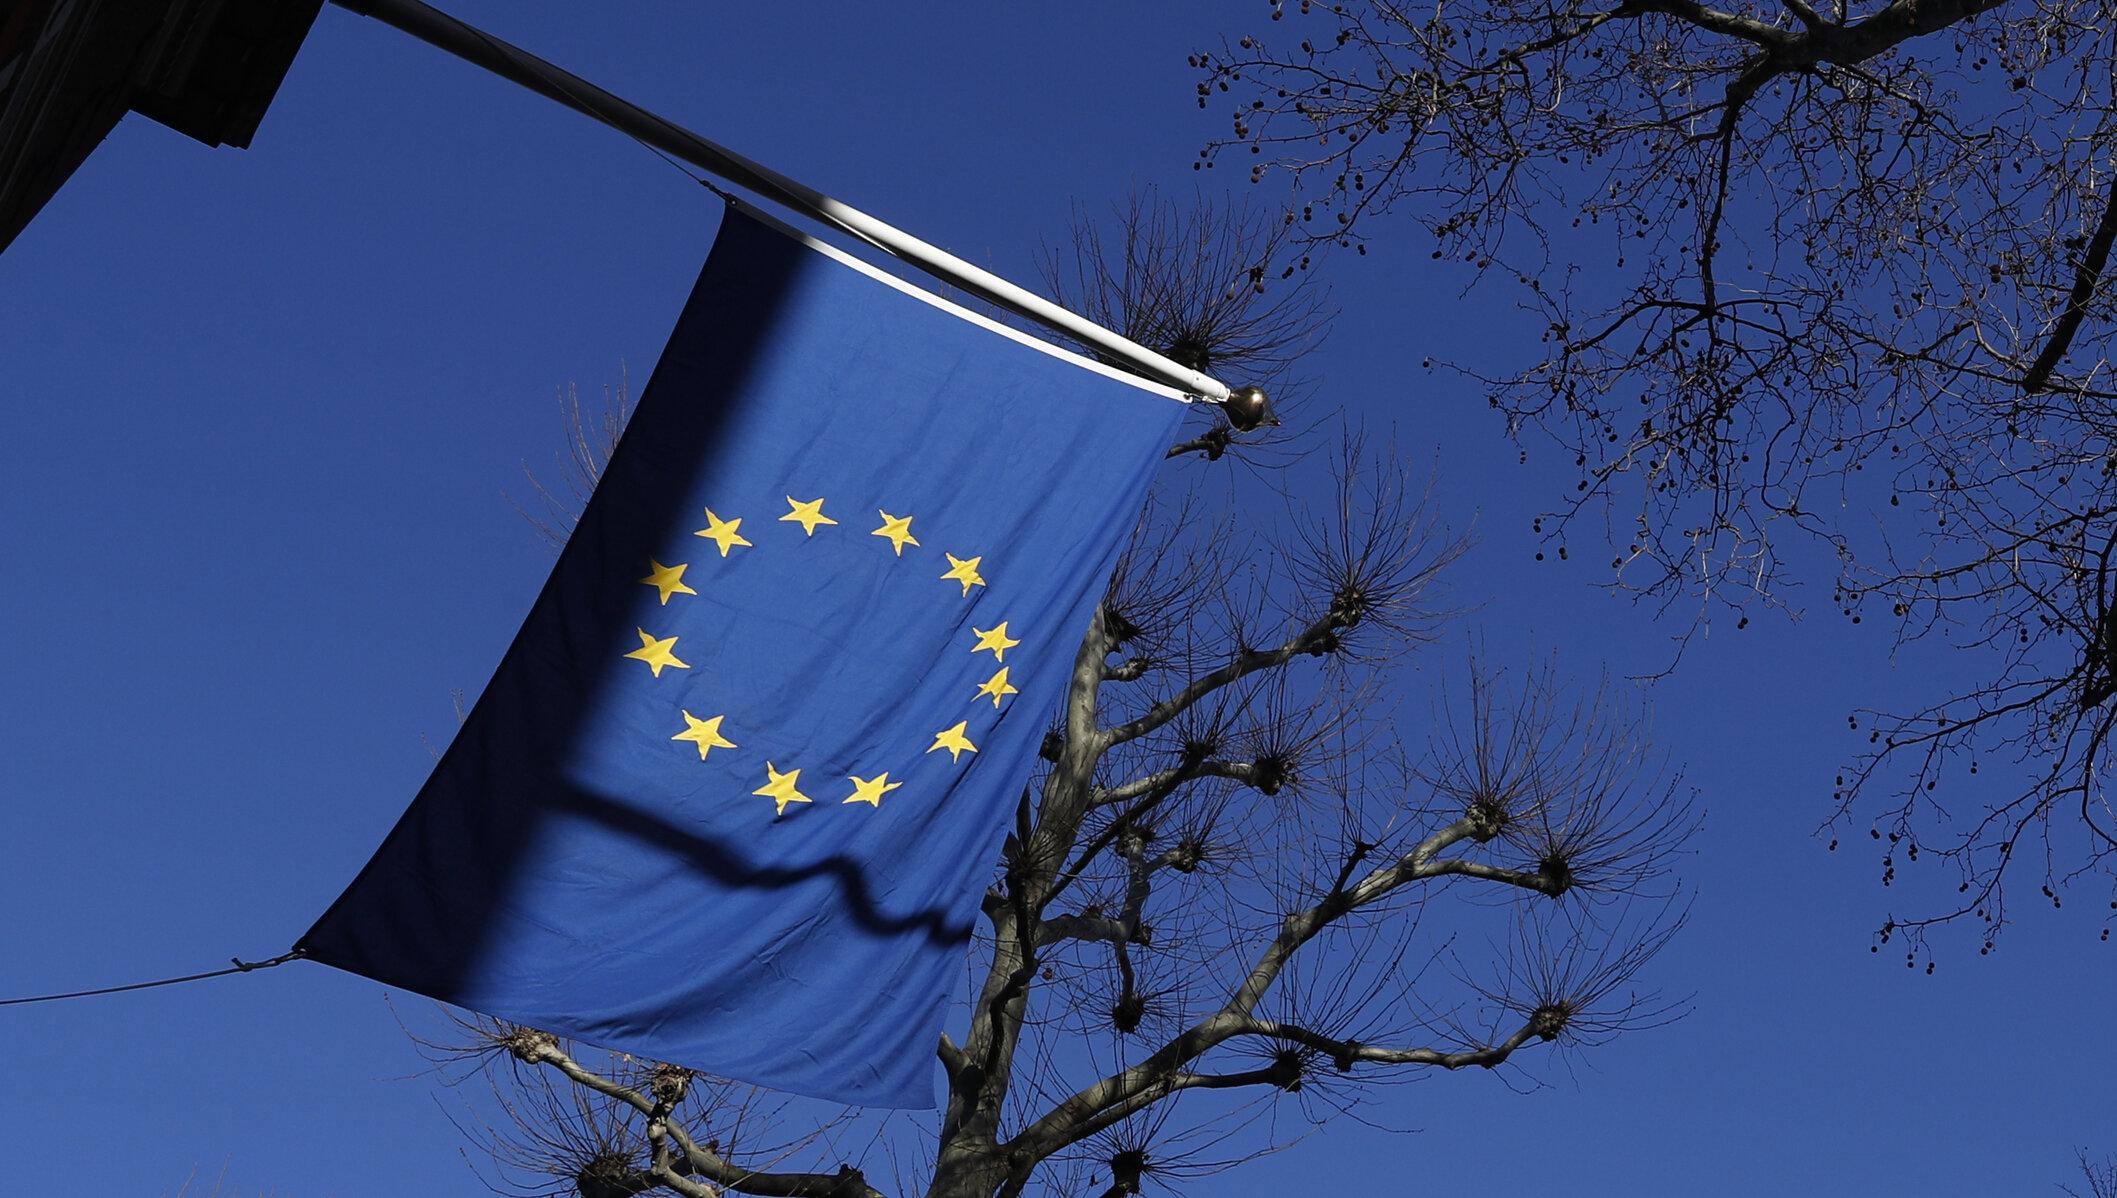 Portugalia, Luxemburg și Belgia primesc primele tranșe ale fondurilor de redresare de la UE